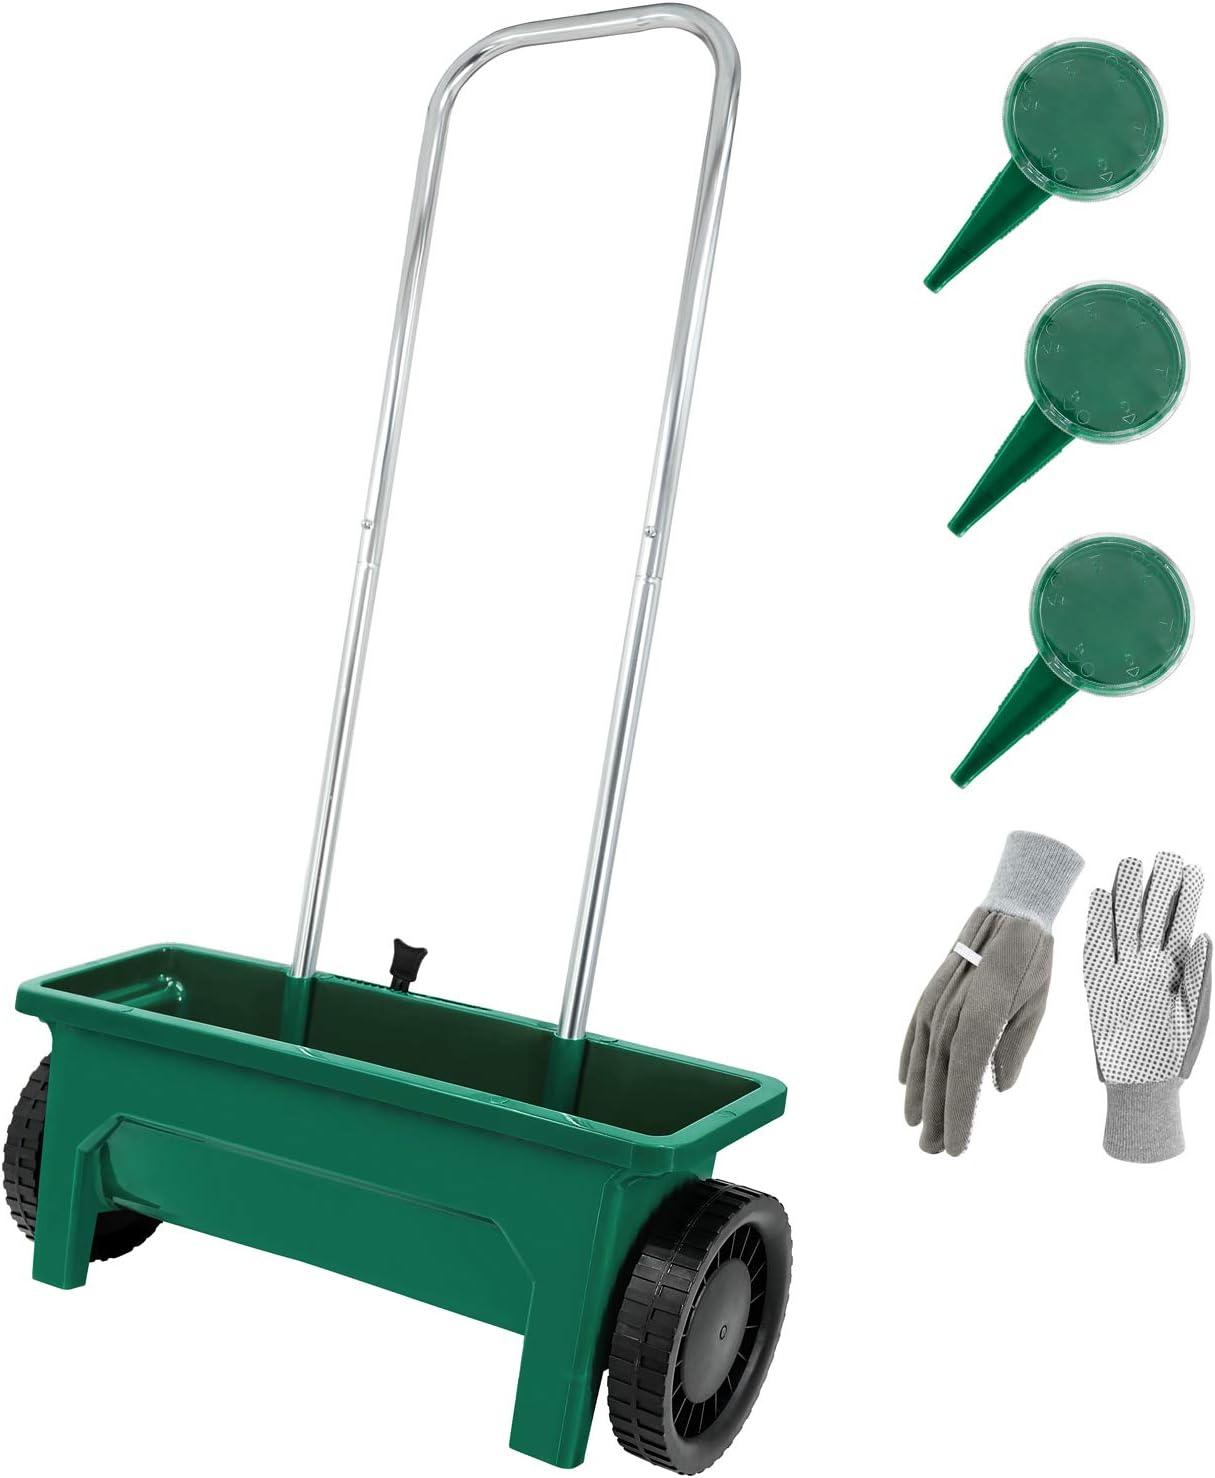 Hortem Seed Spreader Set Include 12L Flower Plant Seeder and 3PCS Seed Dispenser, Garden Lawn Fertiliser Spreader (Green)